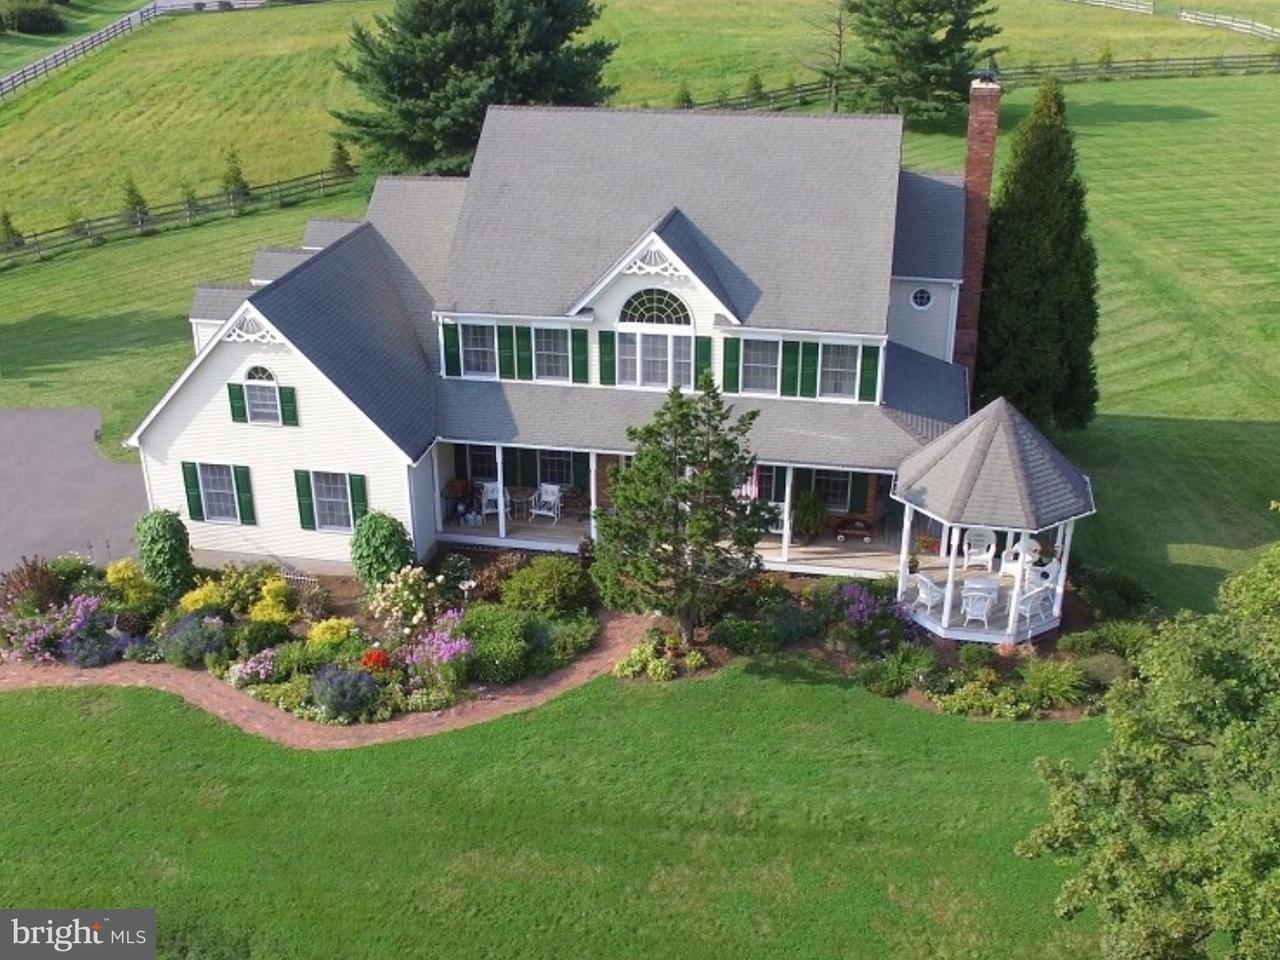 Maison unifamiliale pour l Vente à 113 BACK BROOK Road Ringoes, New Jersey 08551 États-UnisDans/Autour: East Amwell Township